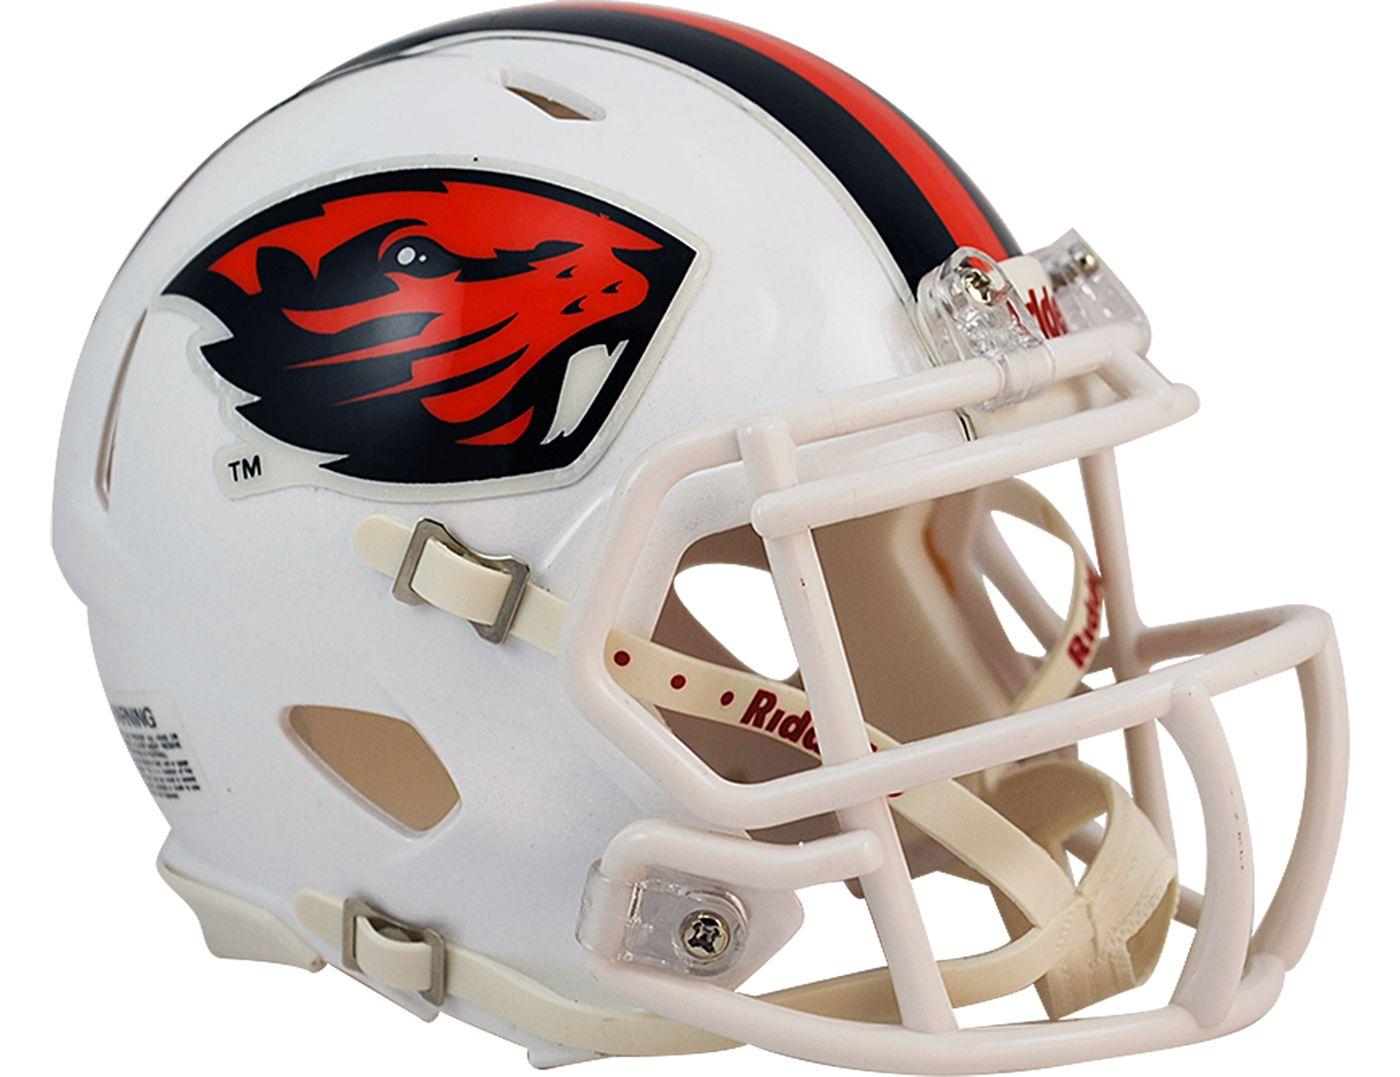 Riddell Oregon State Beavers Speed Mini Football Helmet